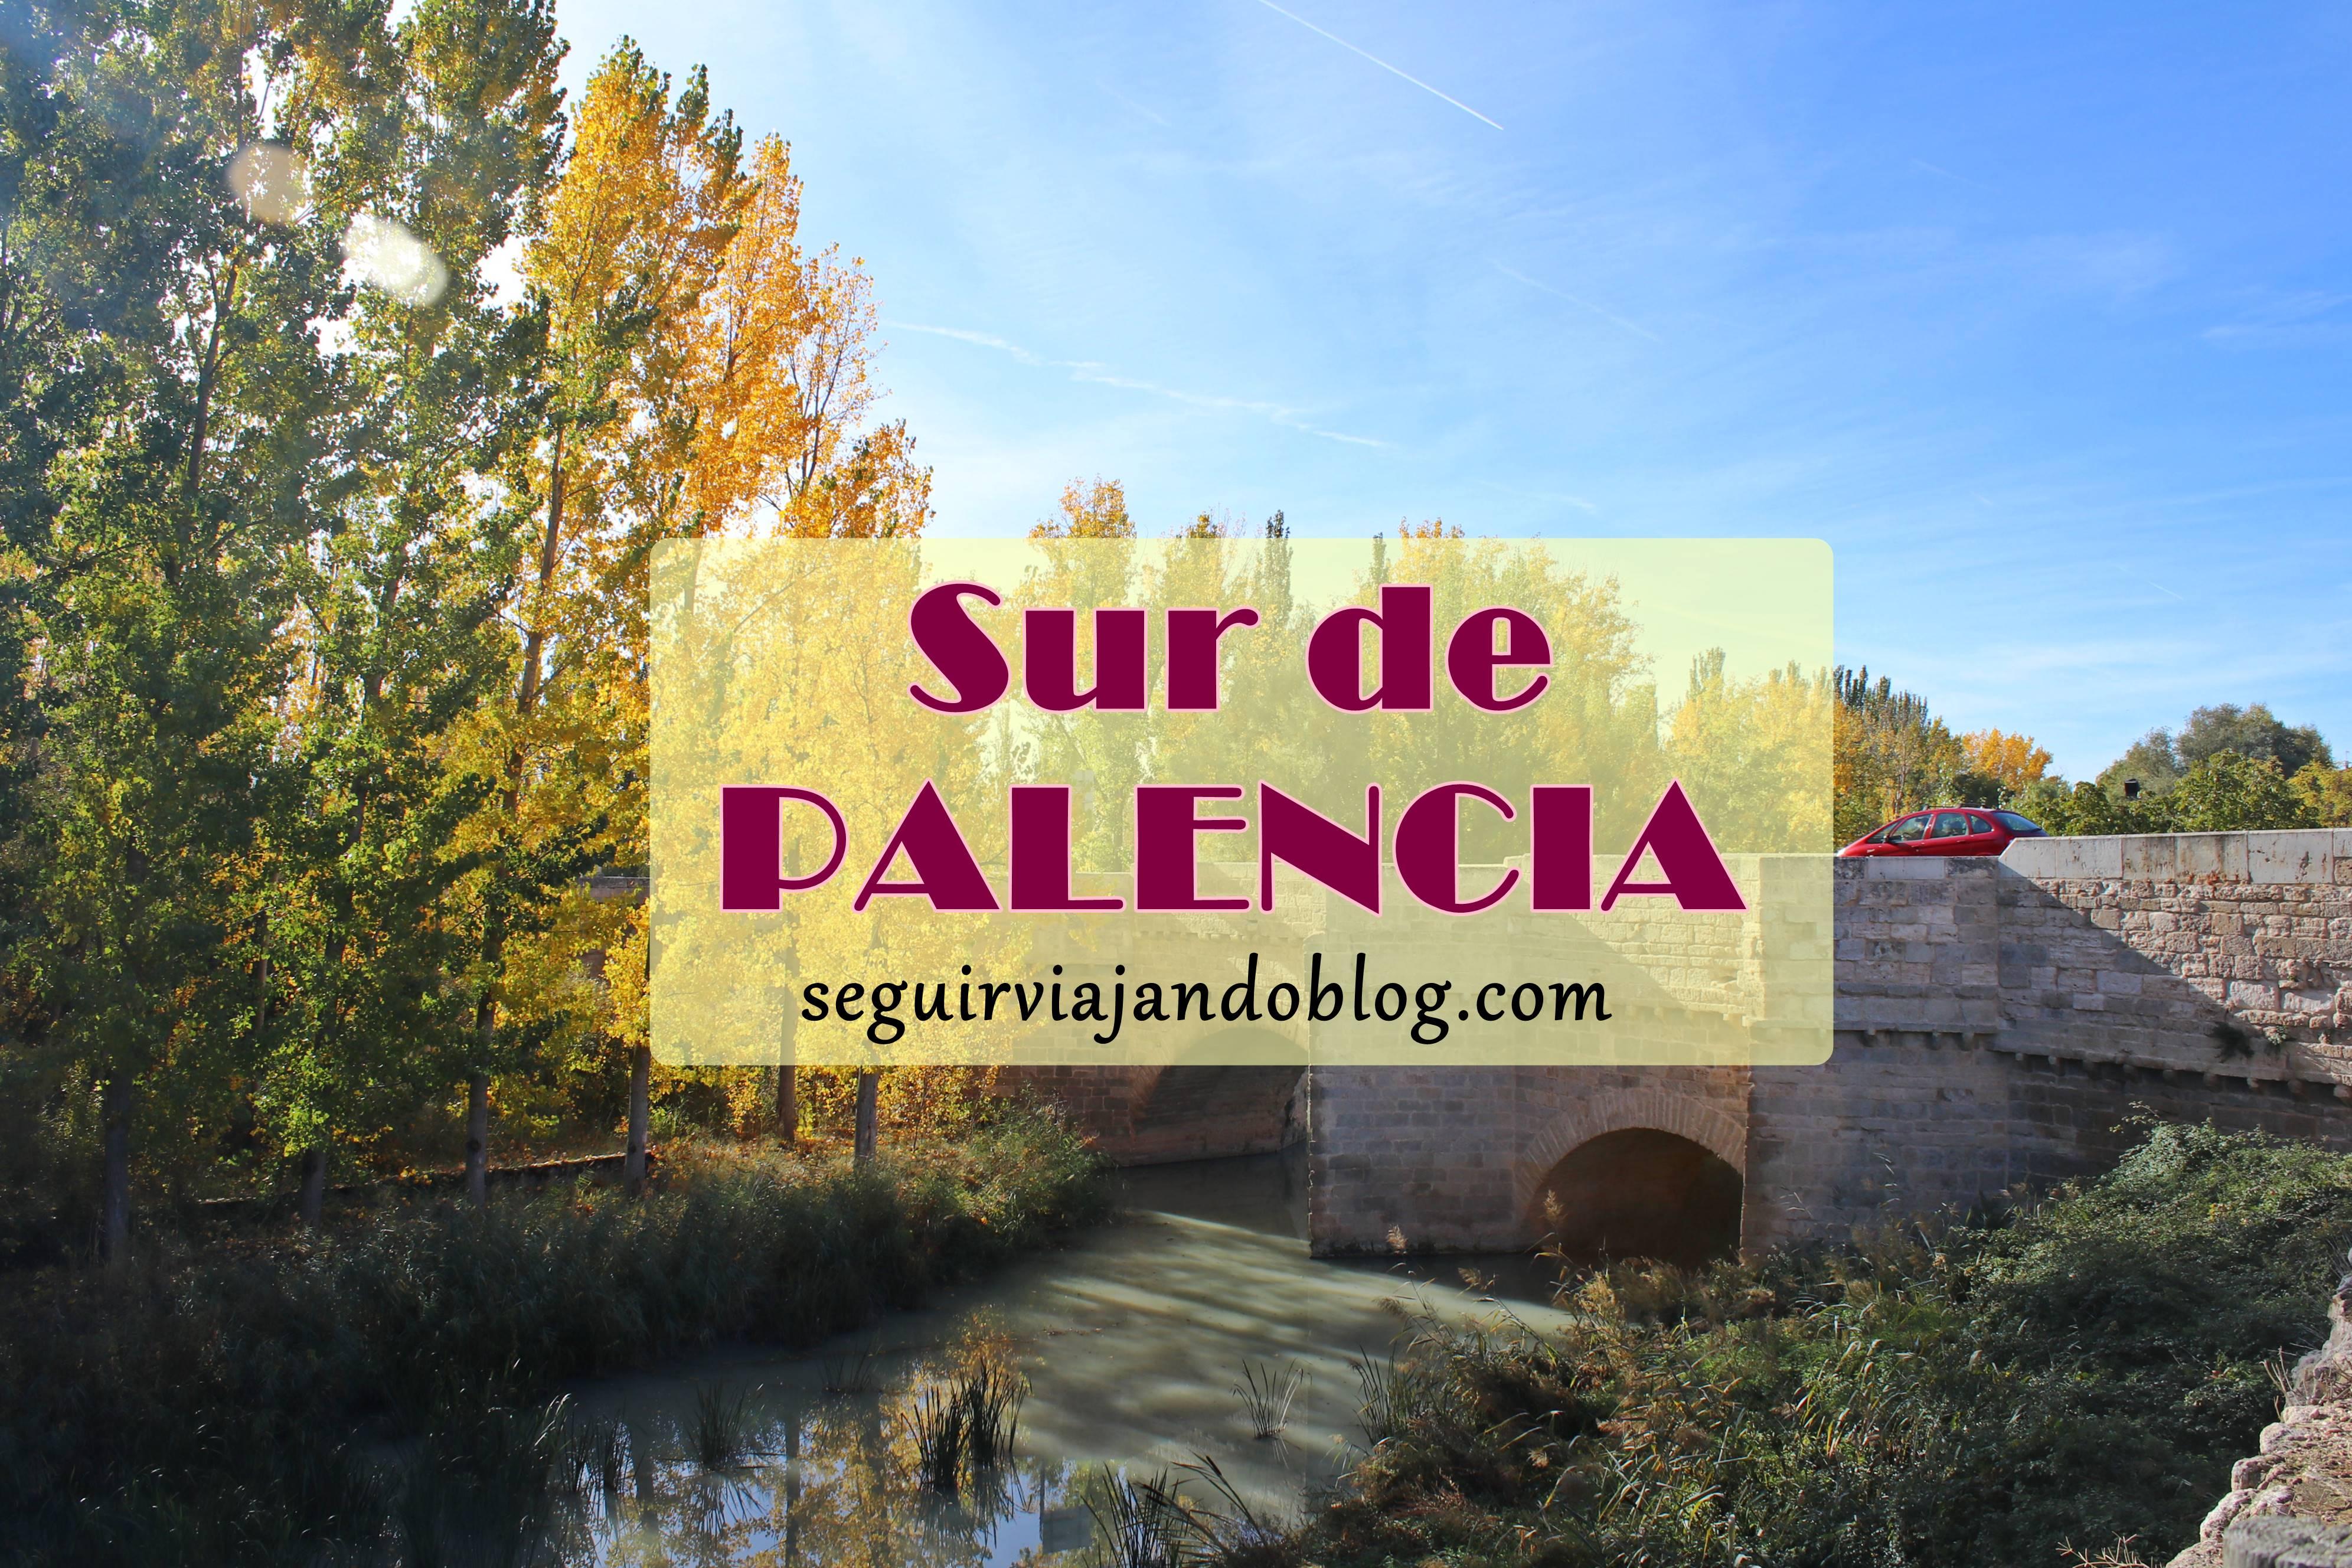 Sur de Palencia